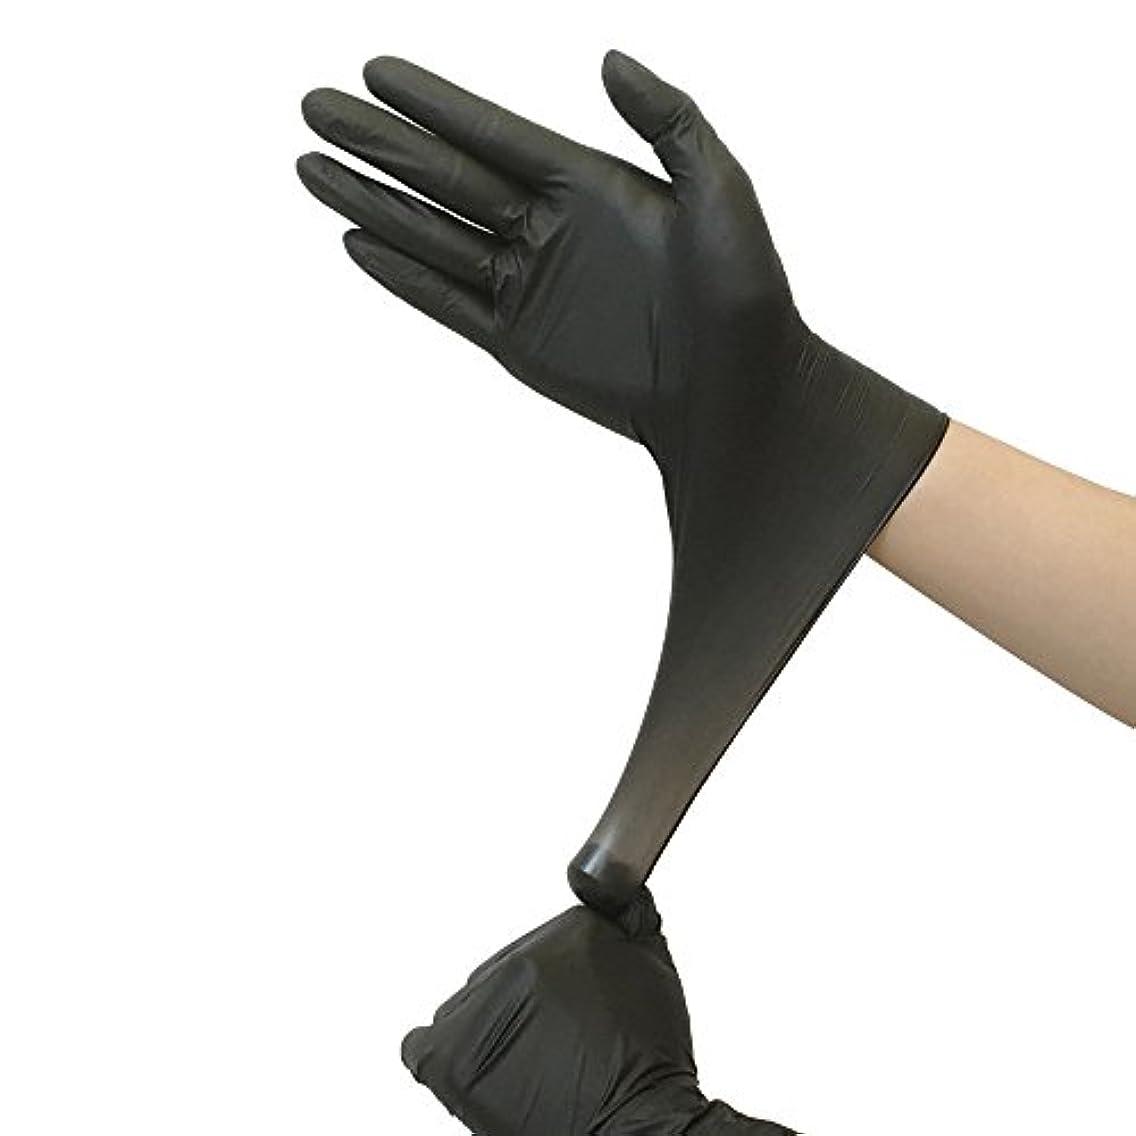 入口以下広げるニトリル手袋  使い捨て手袋 粉なし 100枚入 ブラック